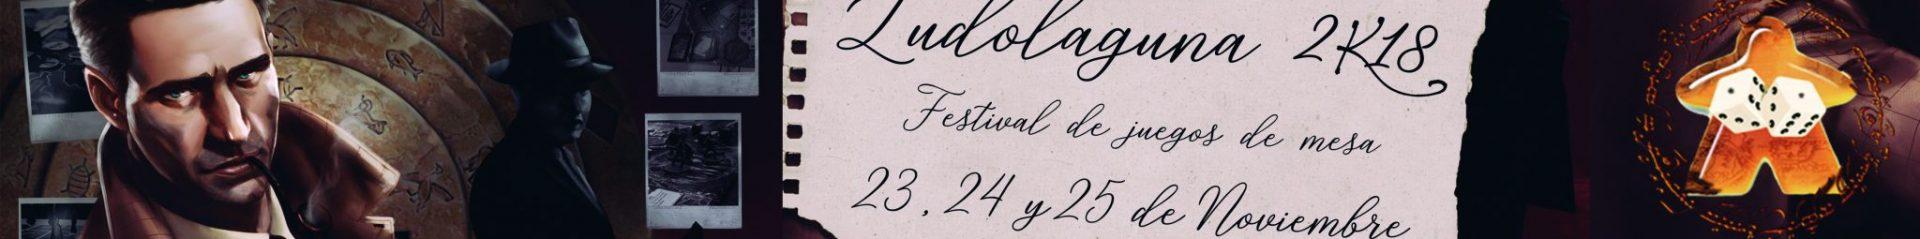 Ludolaguna